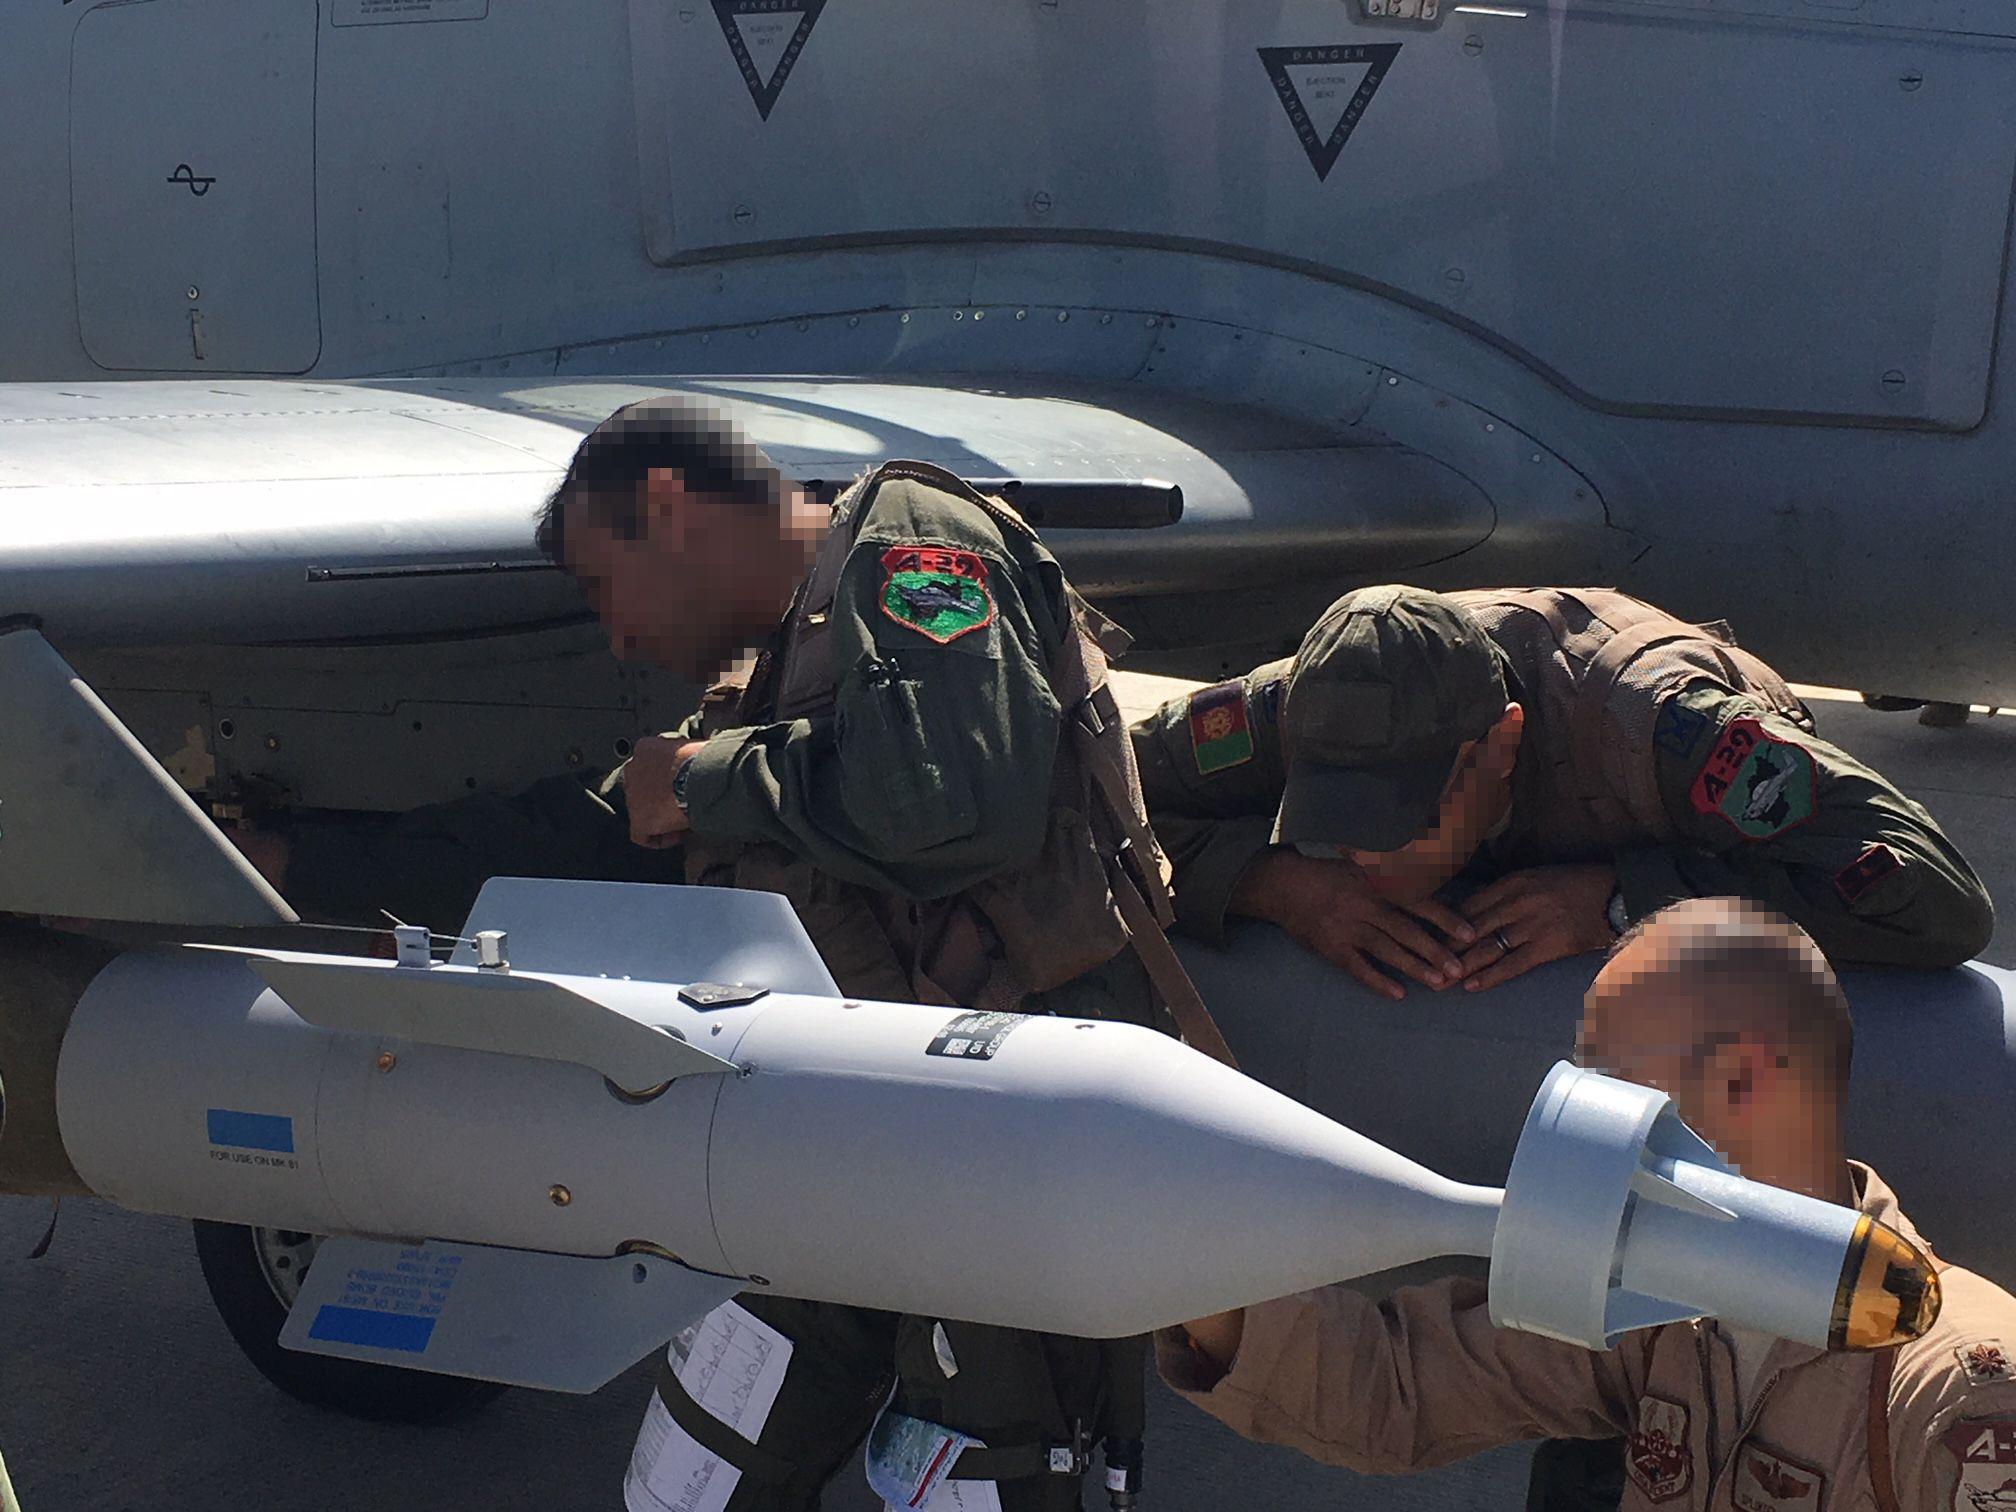 La Fuerza aérea afgana lanza por primera vez una bomba láser en combate. Texto